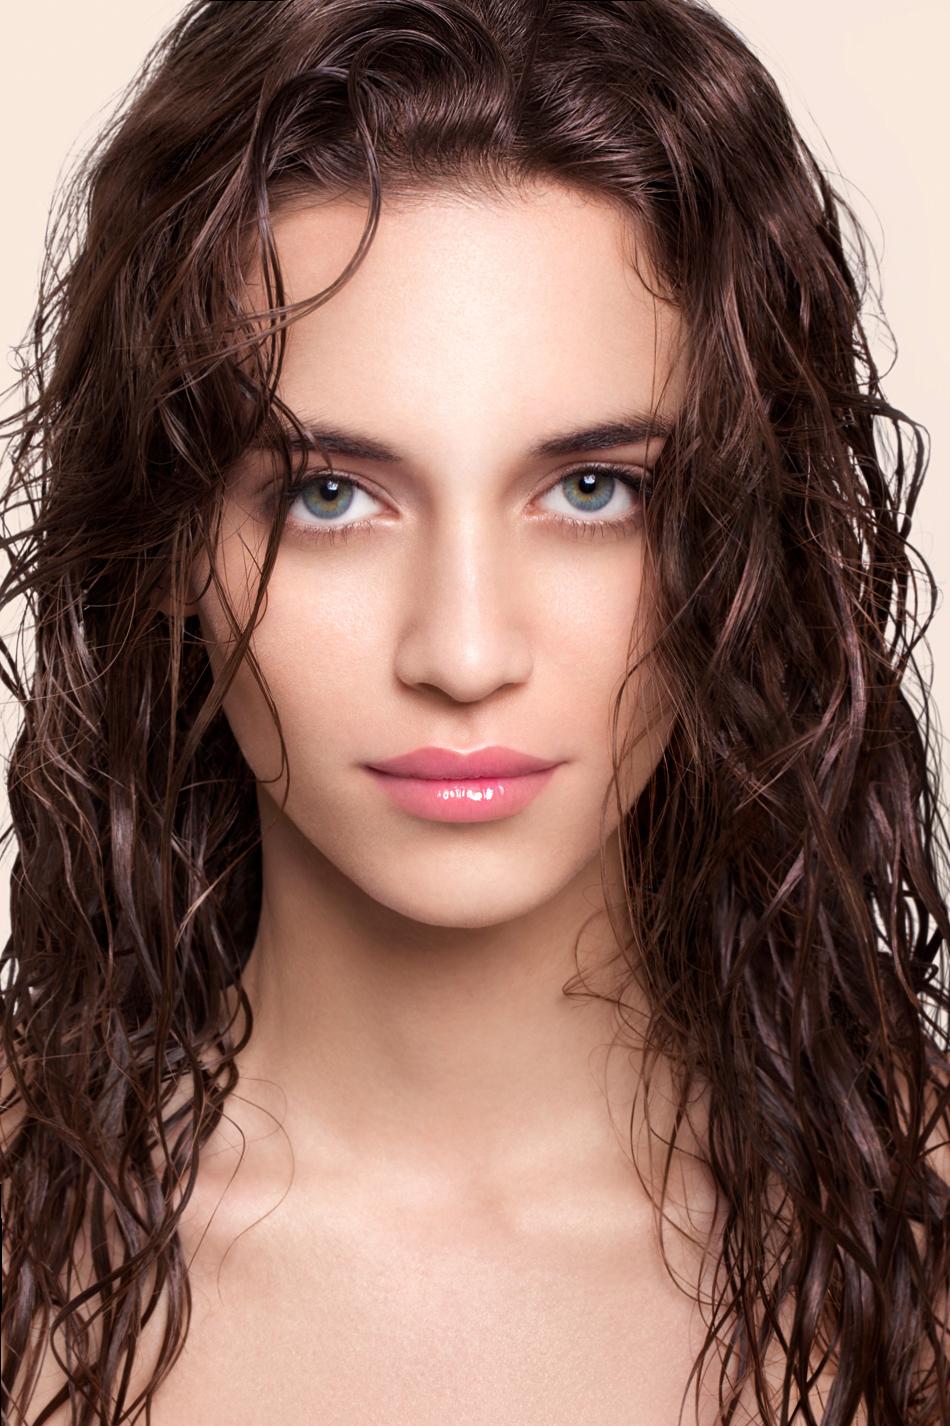 GLAMOUR BULGARIA - HAIR on Behance  |Bulgarian Hair Fashion